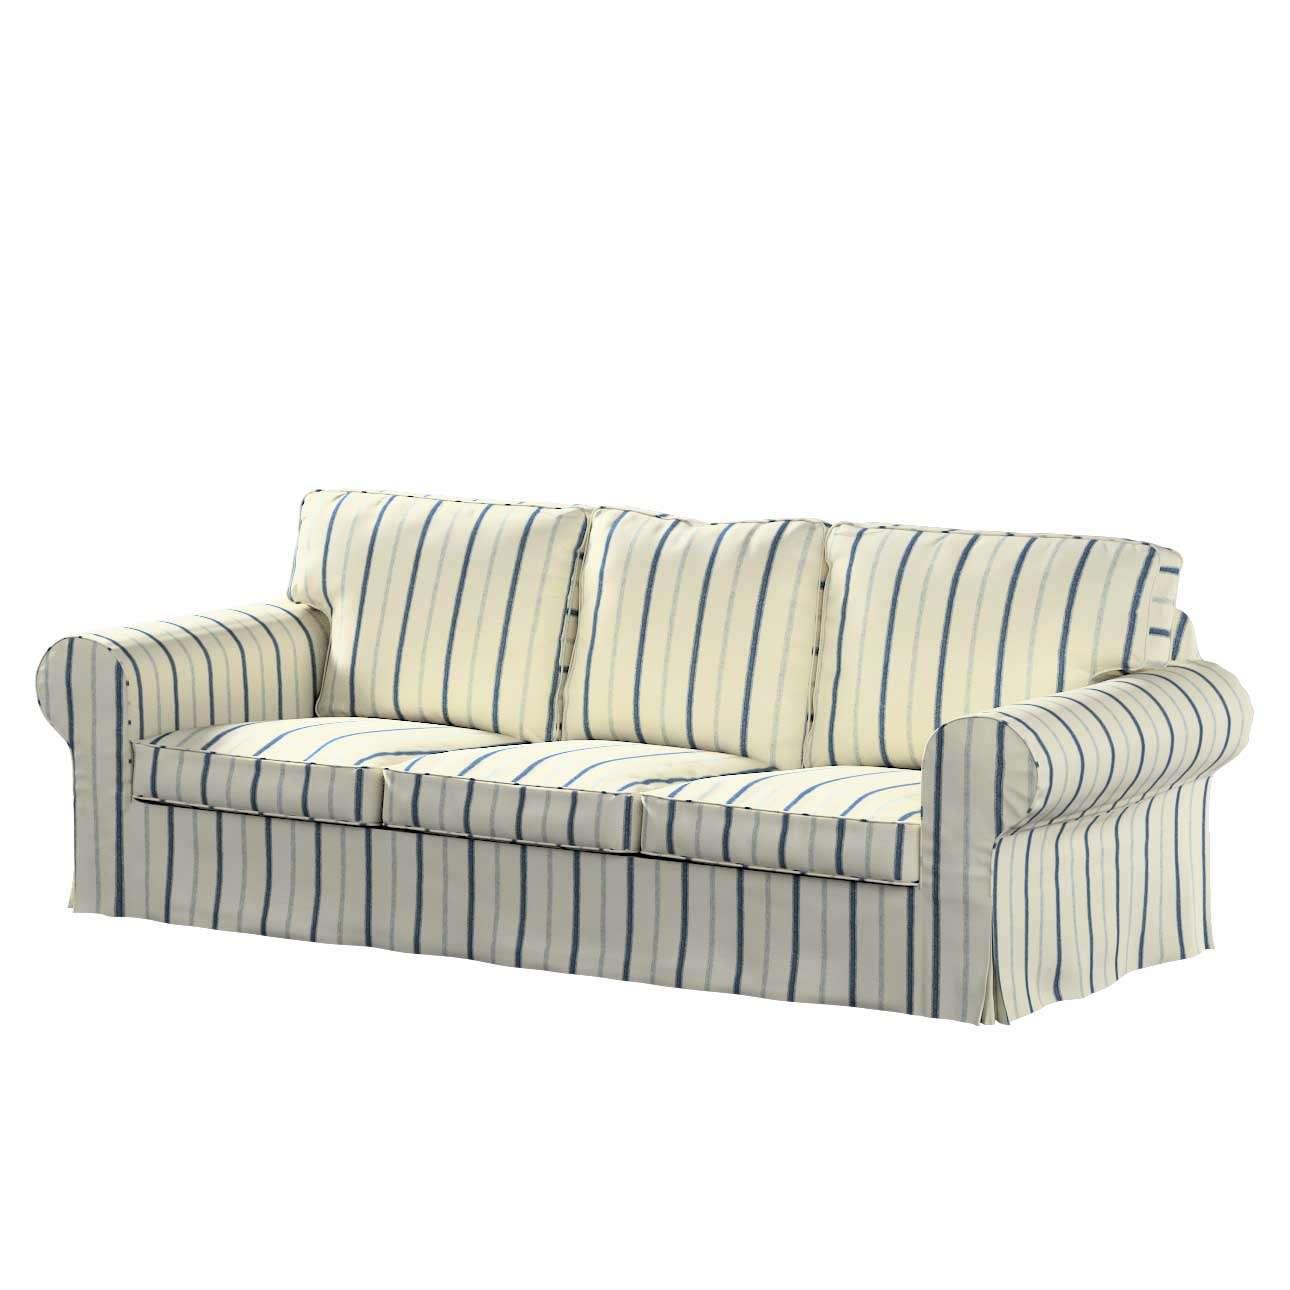 Pokrowiec na sofę Ektorp 3-osobową, rozkładaną, PIXBO w kolekcji Avinon, tkanina: 129-66